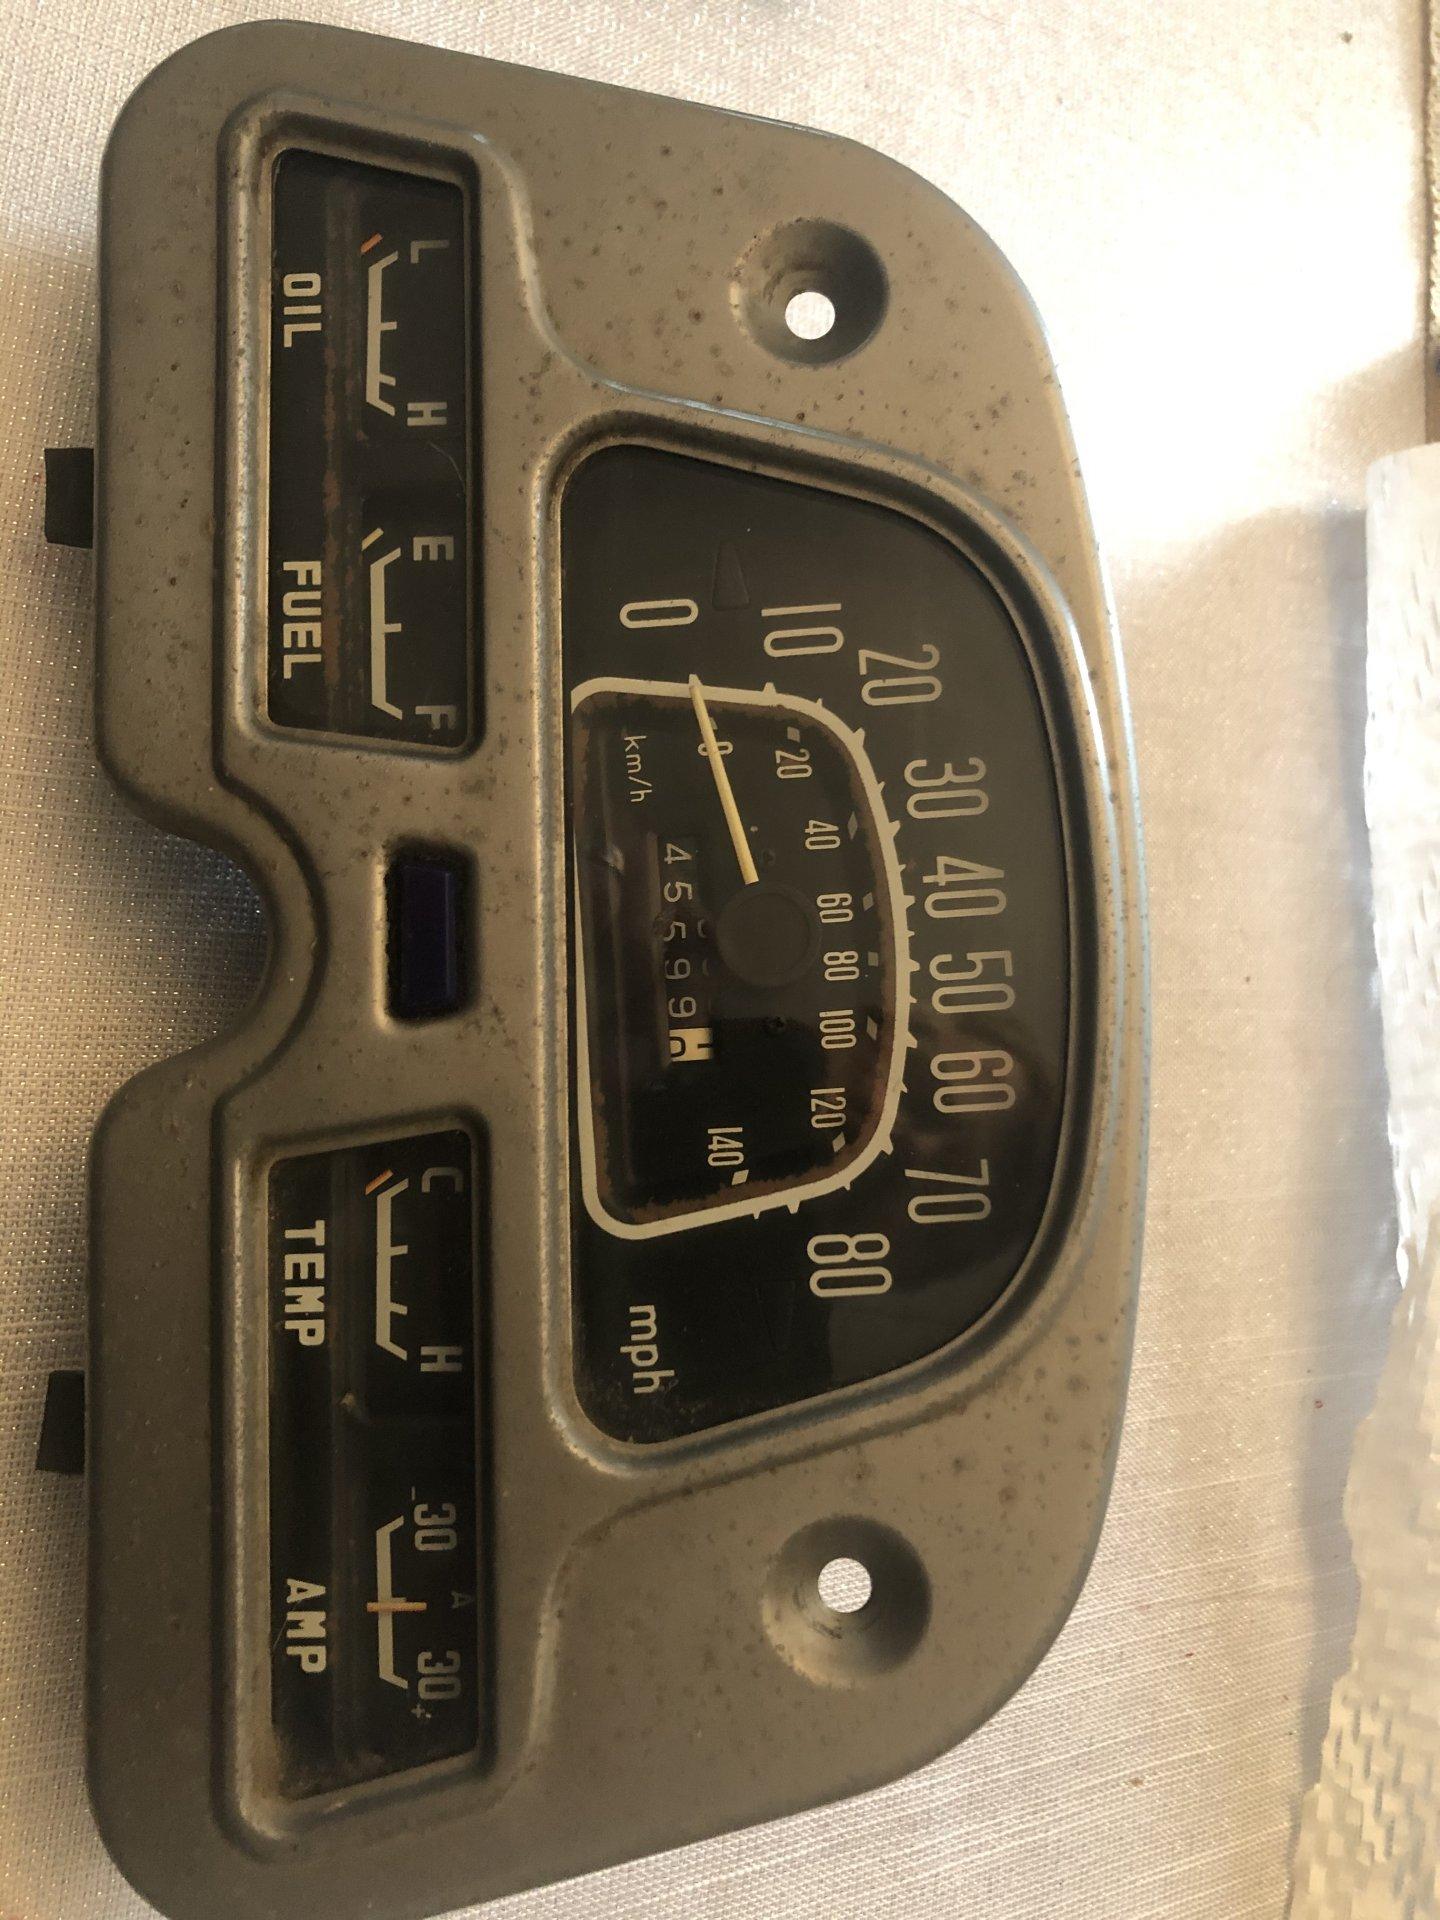 906FF1A5-512B-43D3-8098-7BA5C7D046A1.jpeg